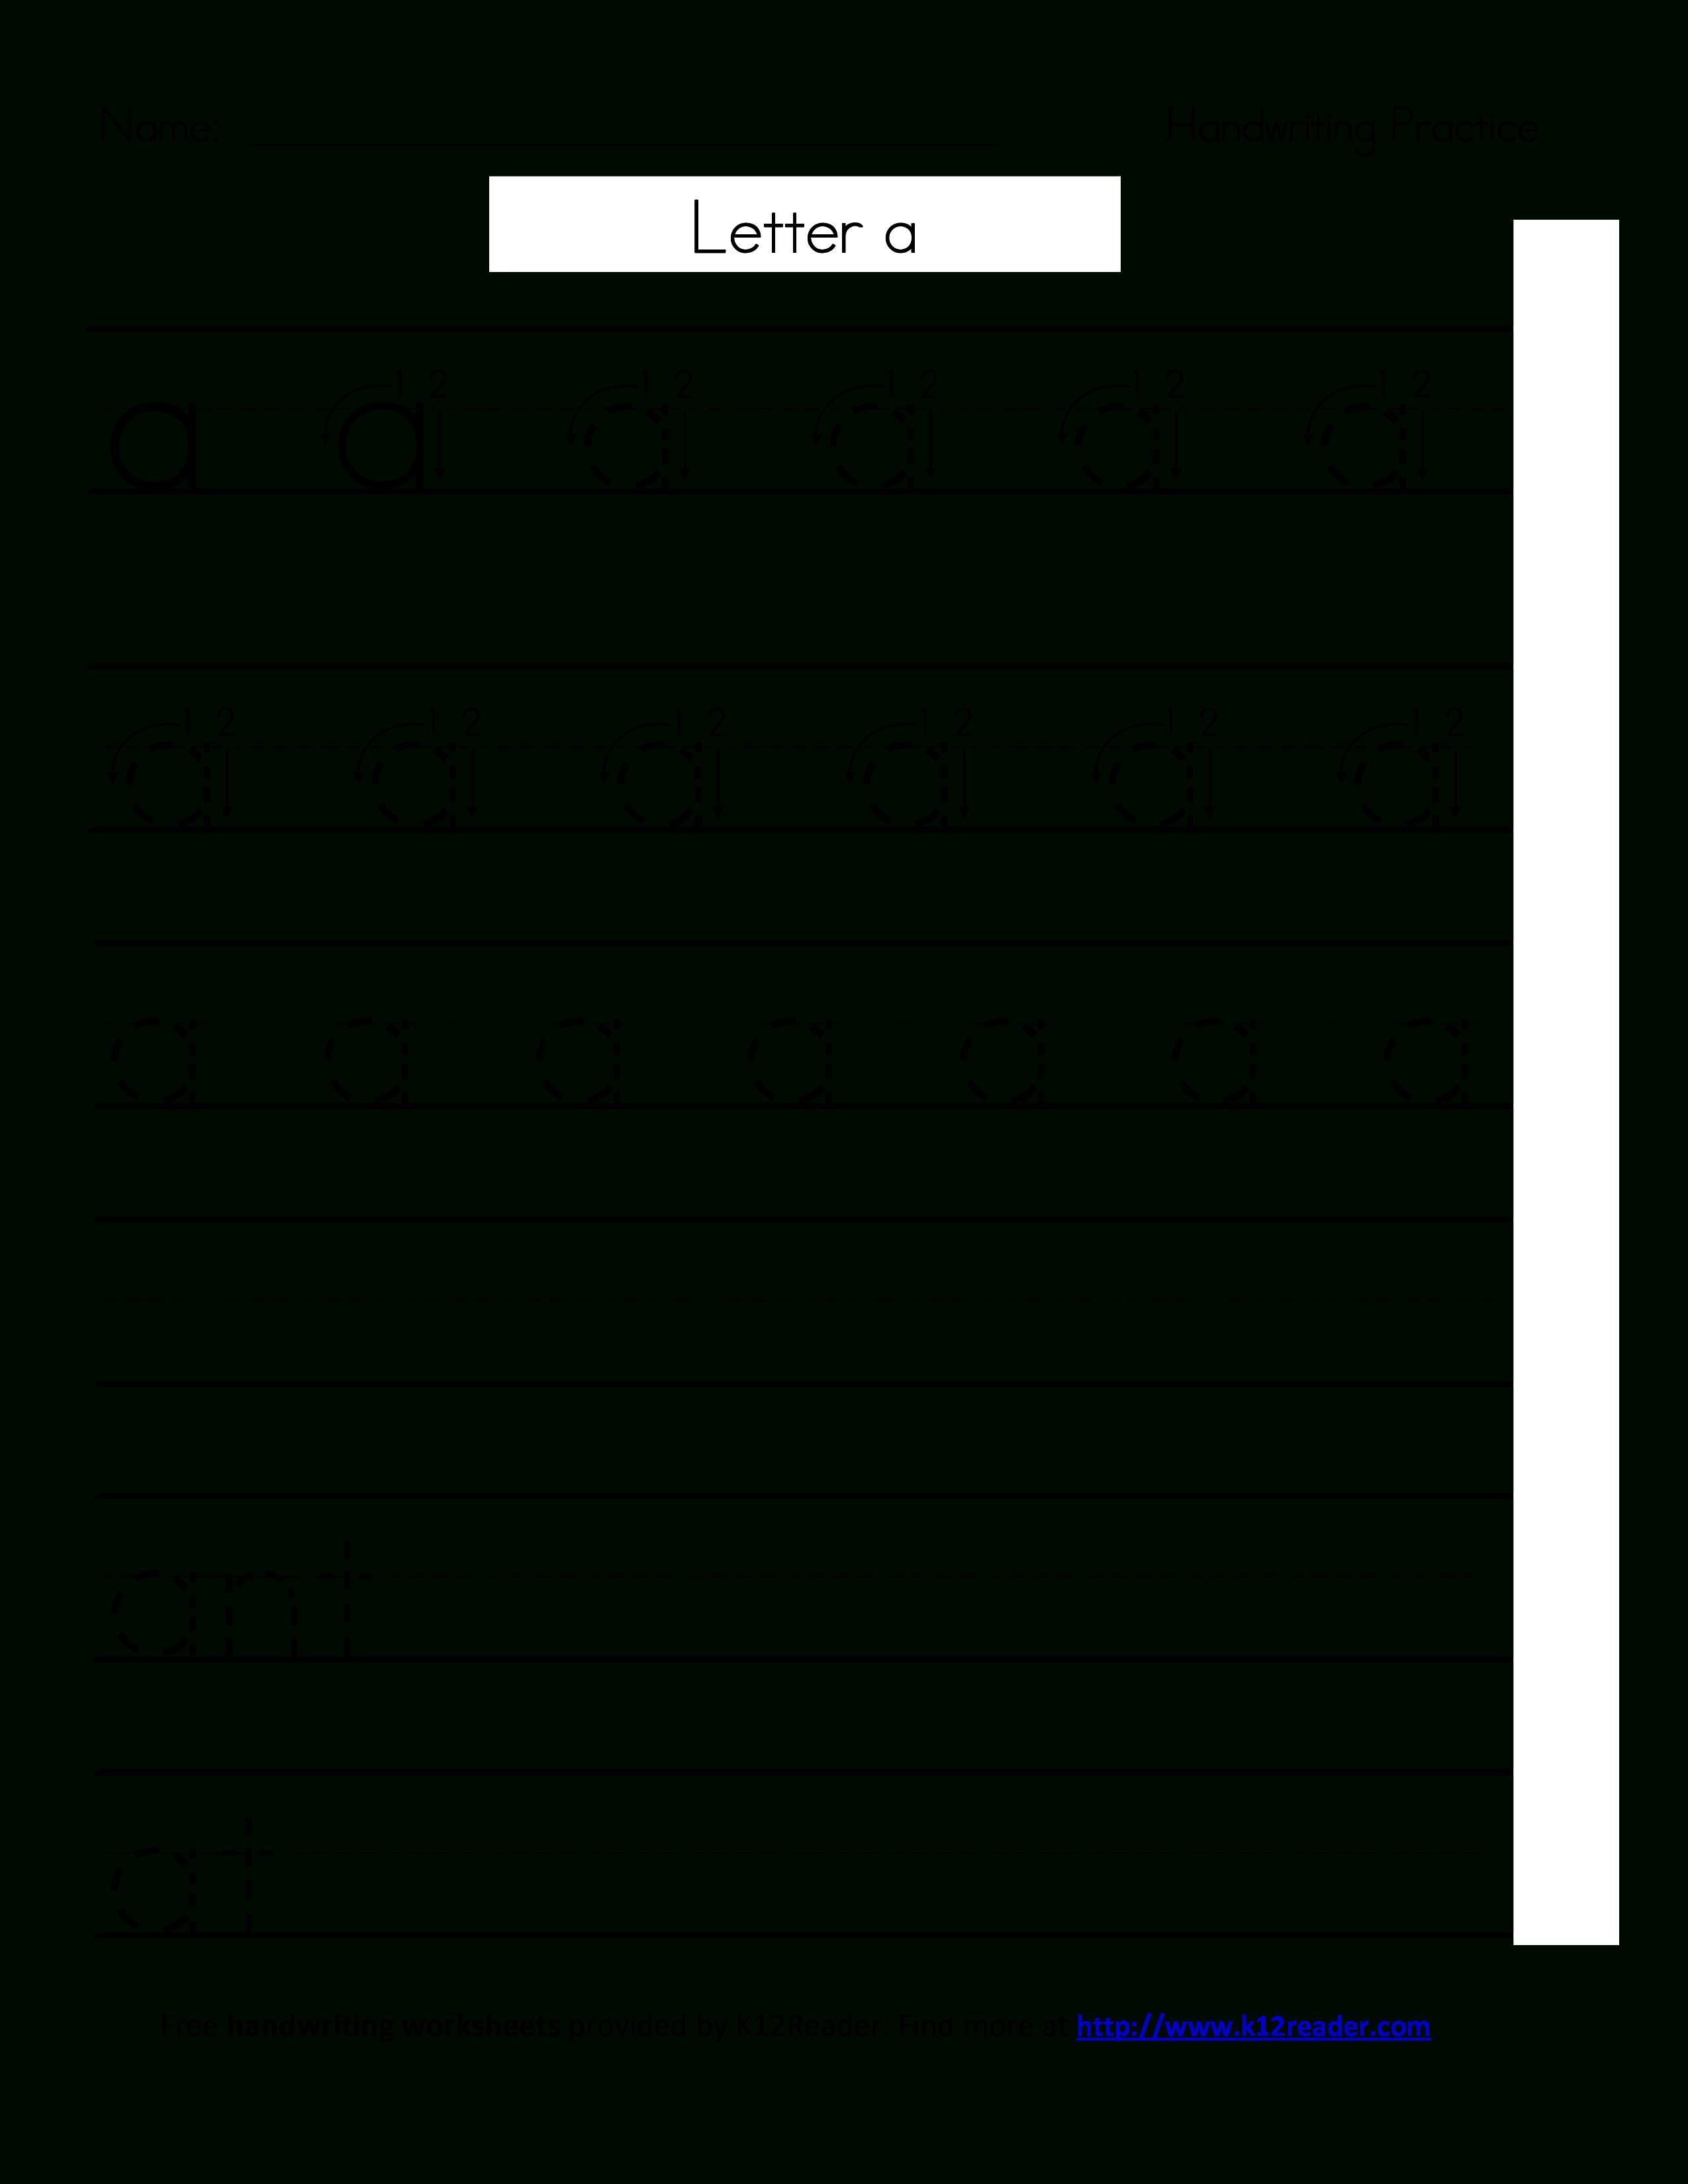 Free Printable Handwriting Worksheets | Templates At - Free Printable Handwriting Worksheets